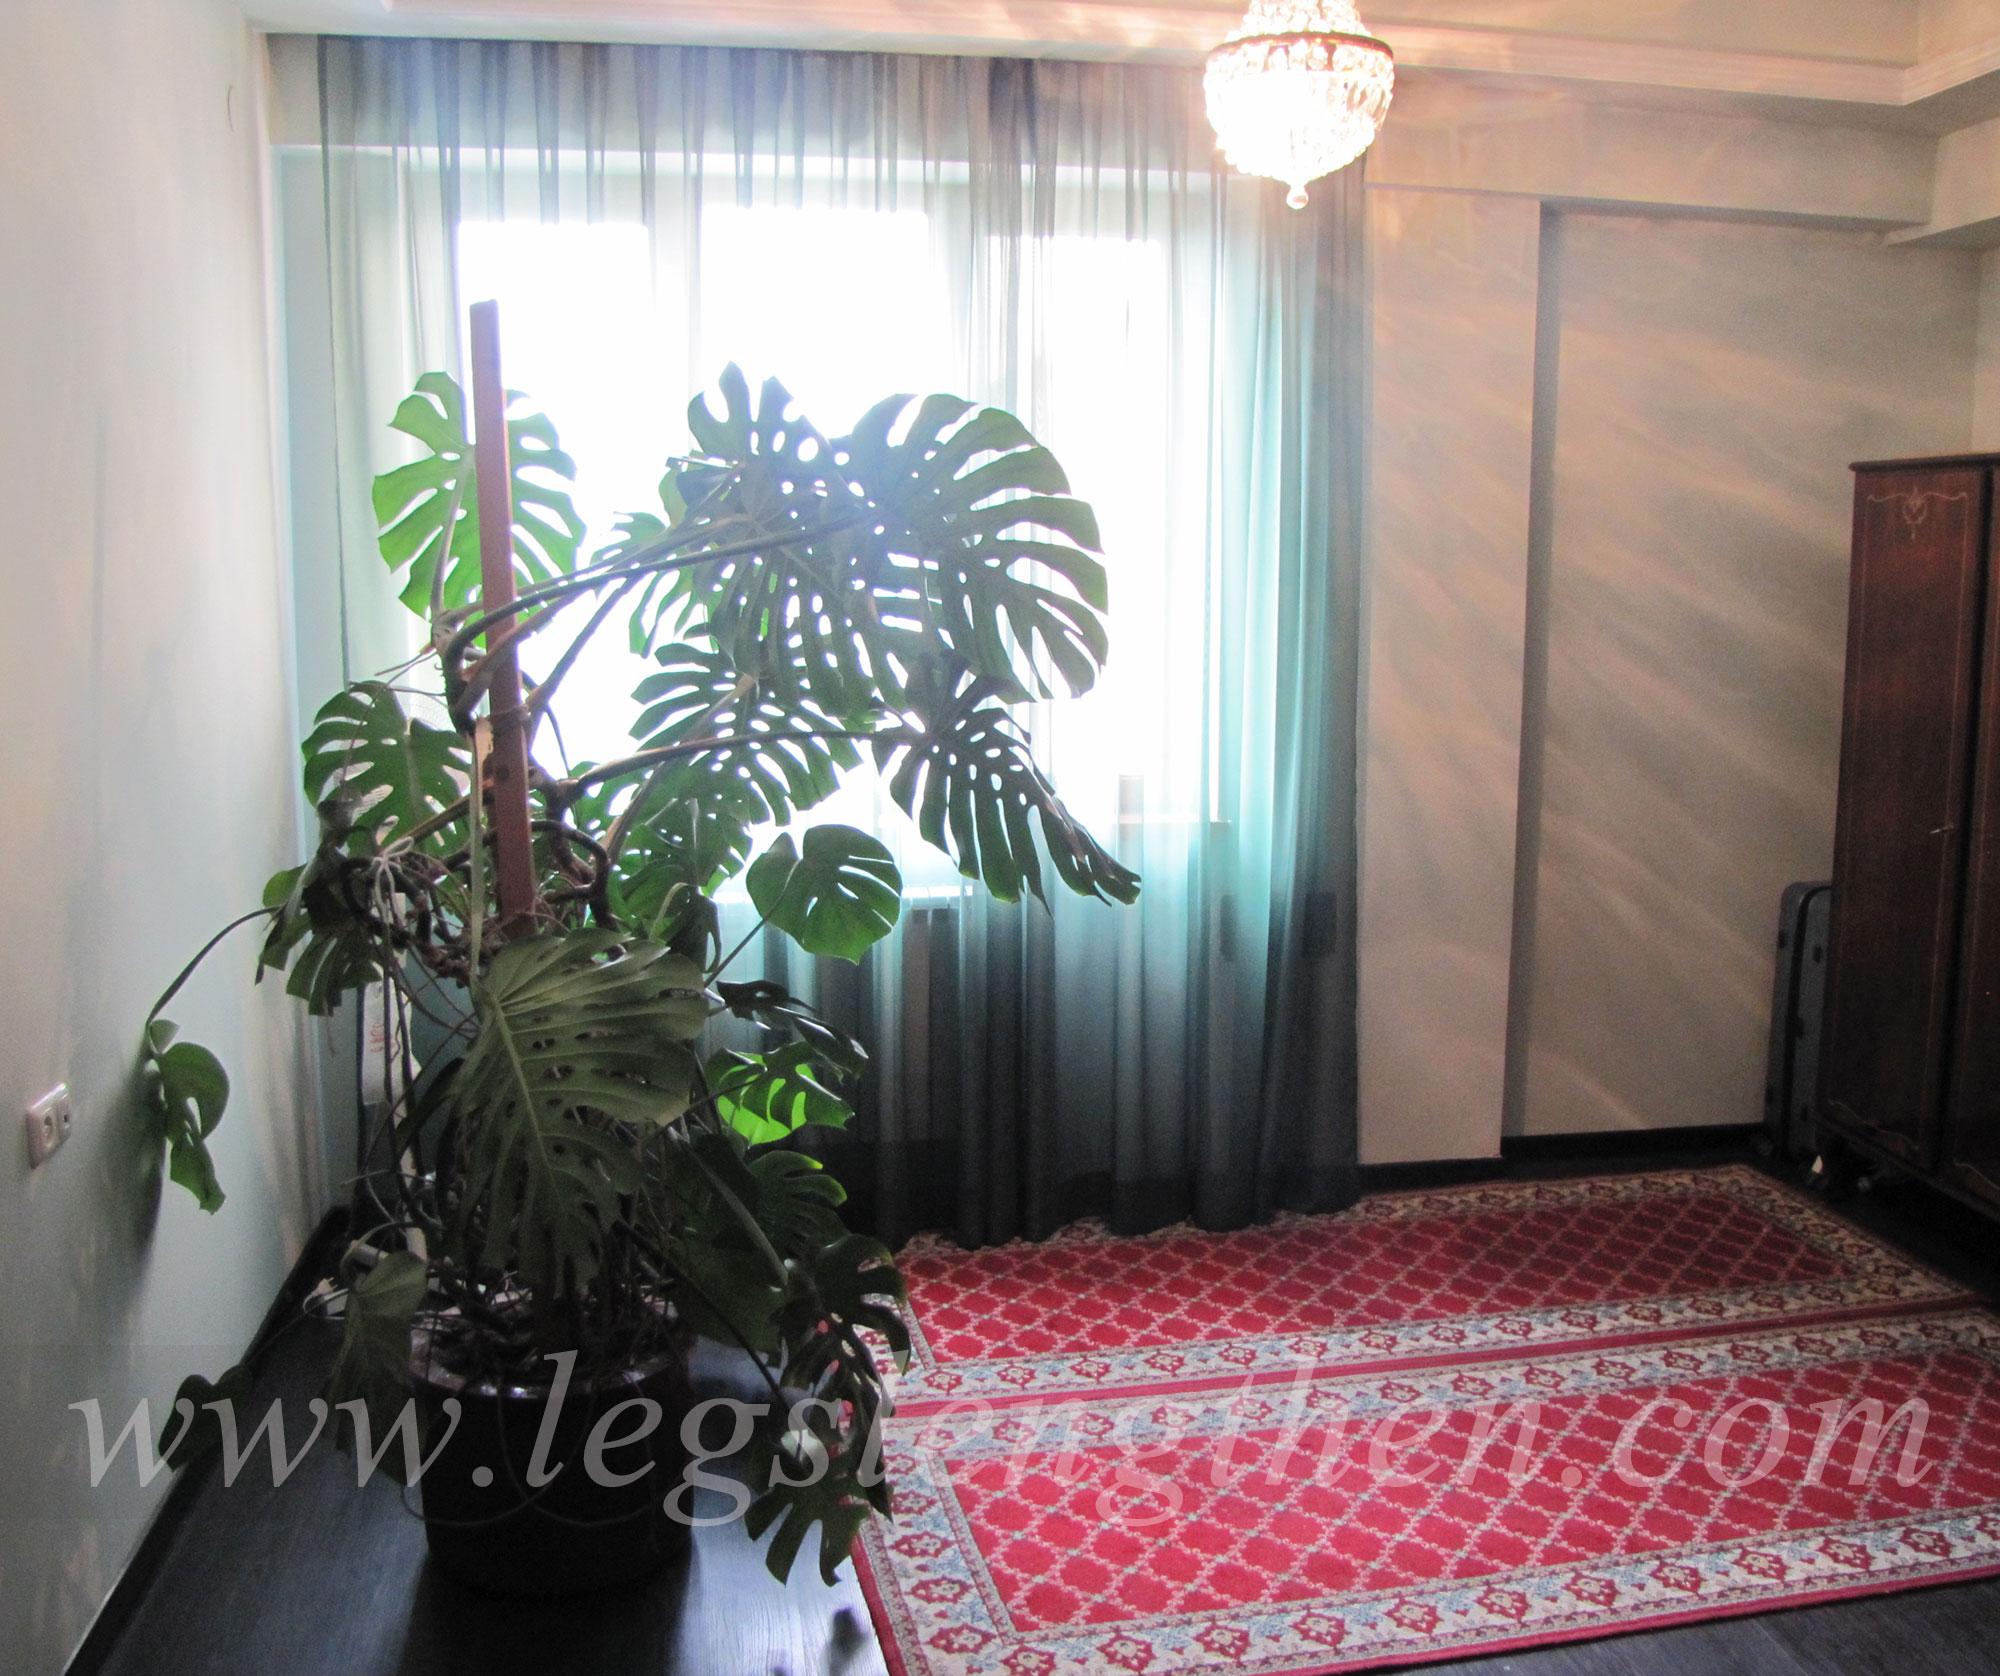 5-apartment-legs-lensgthening-armenia.jpg